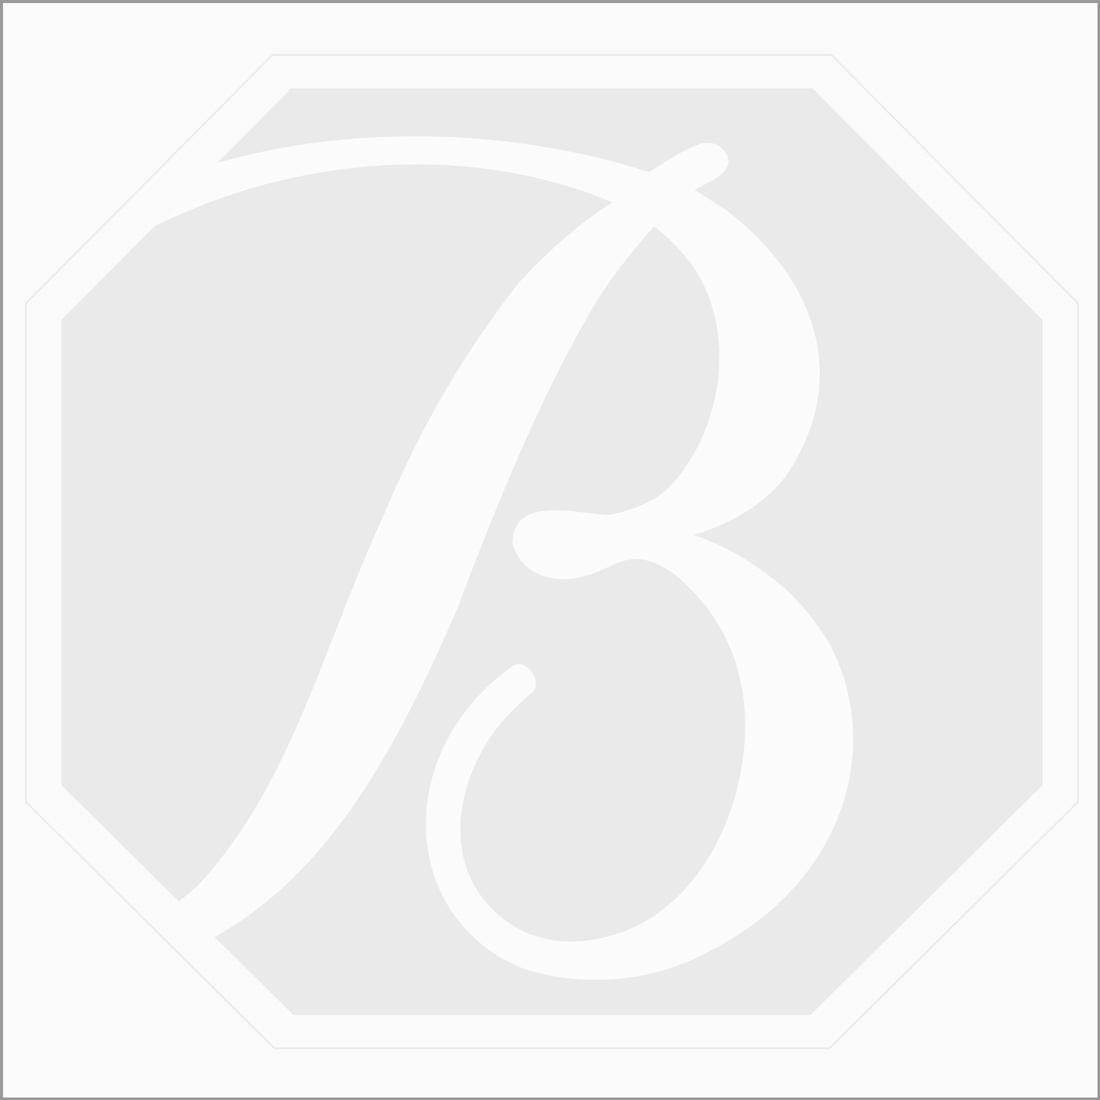 1 Pc - Dark Green Tourmaline Rose Cut - 5.44 ct. - 15.8 x 12.8 x 3.3 mm (TRC1020)